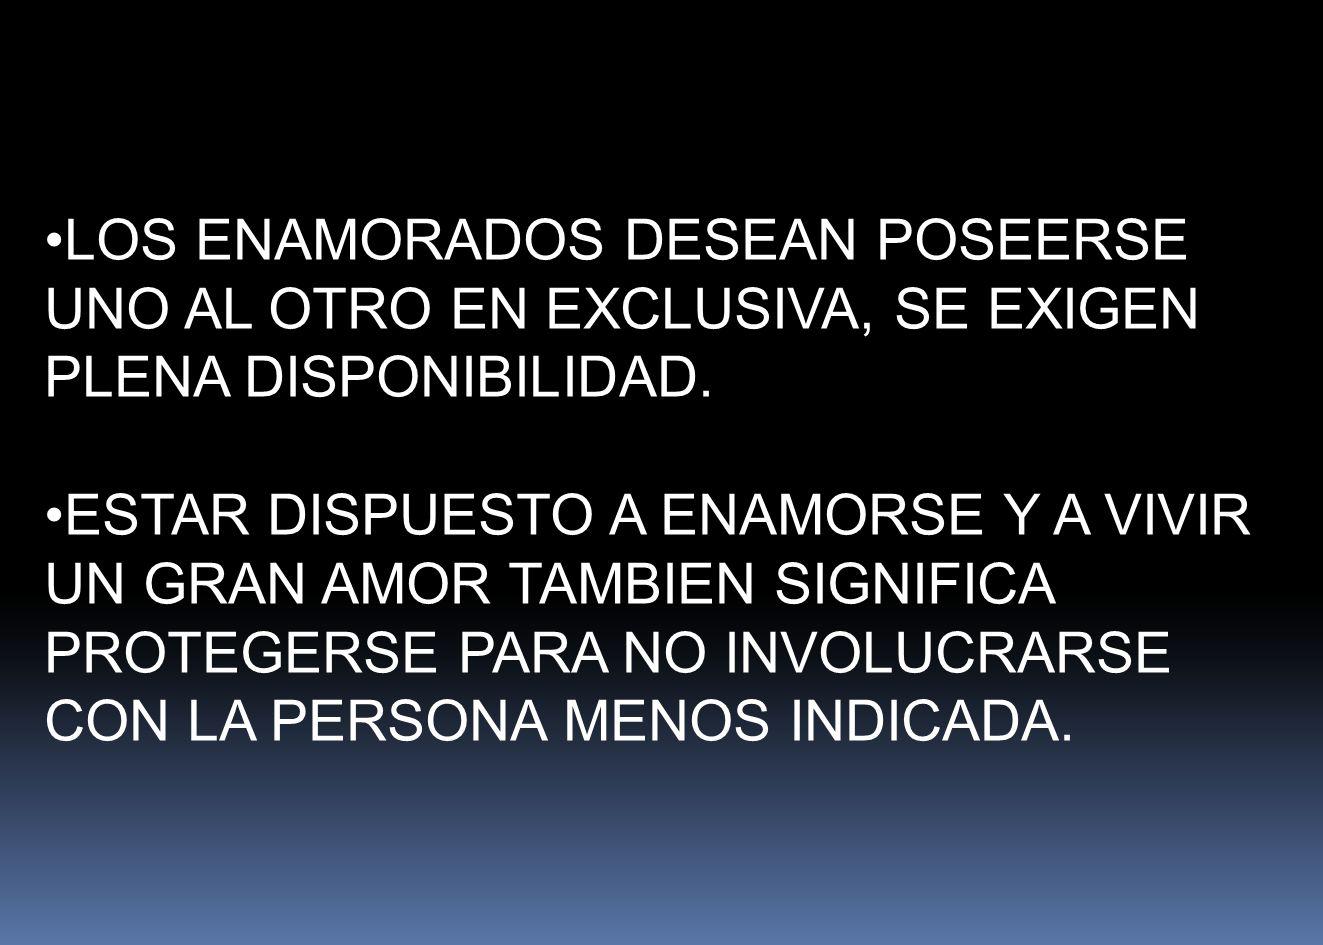 LOS ENAMORADOS DESEAN POSEERSE UNO AL OTRO EN EXCLUSIVA, SE EXIGEN PLENA DISPONIBILIDAD.